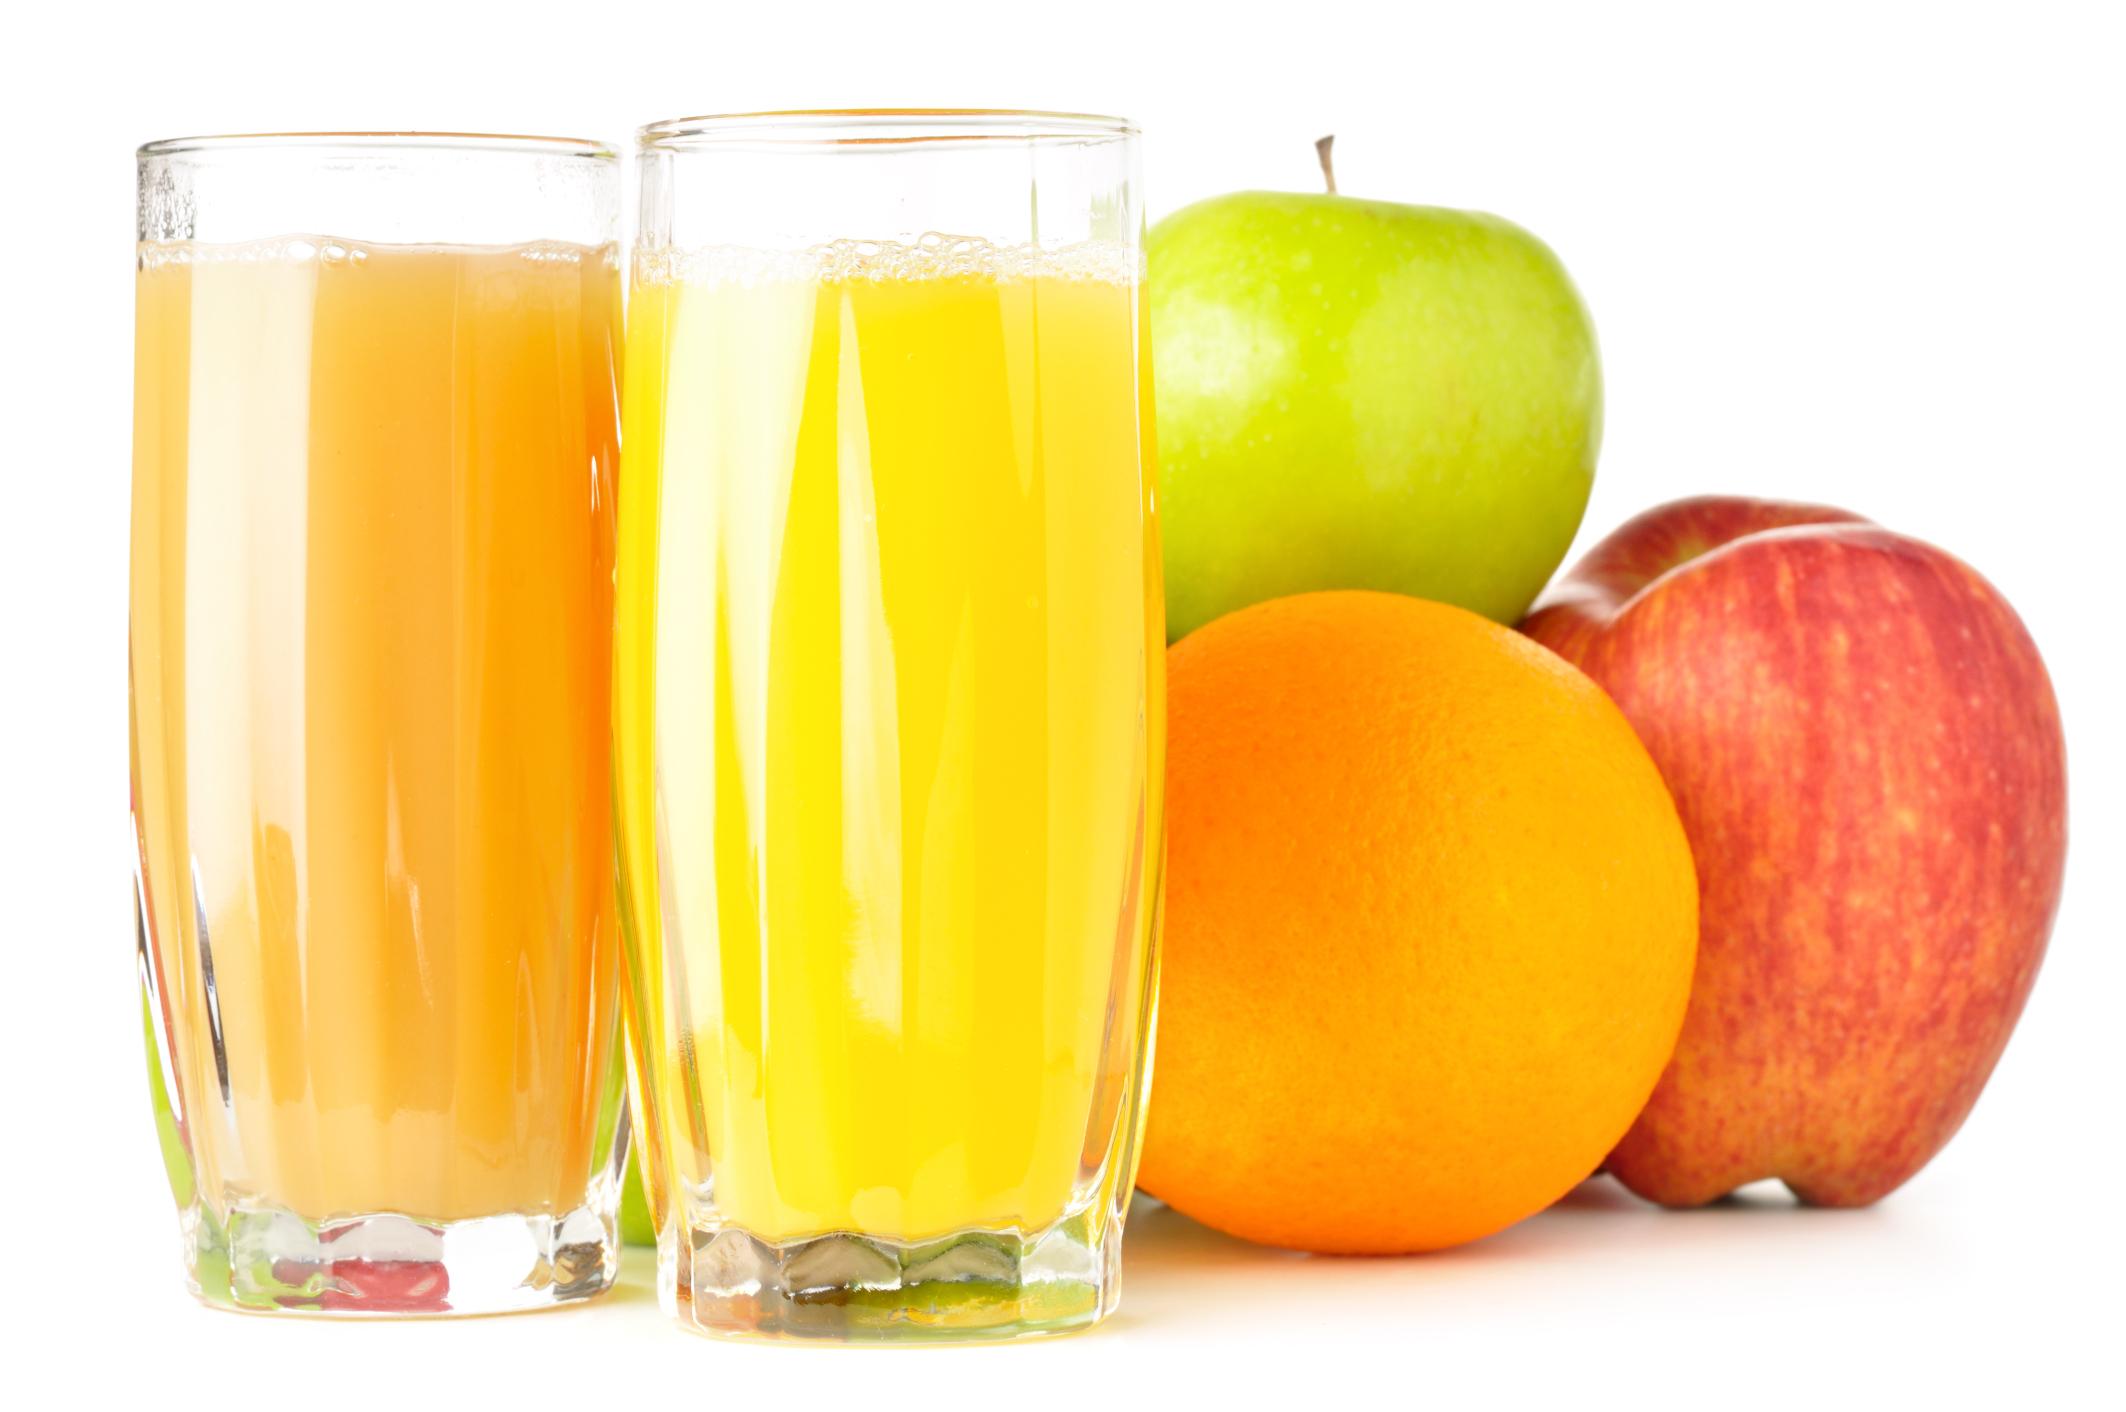 Lu0027aide du0027un fruit ou